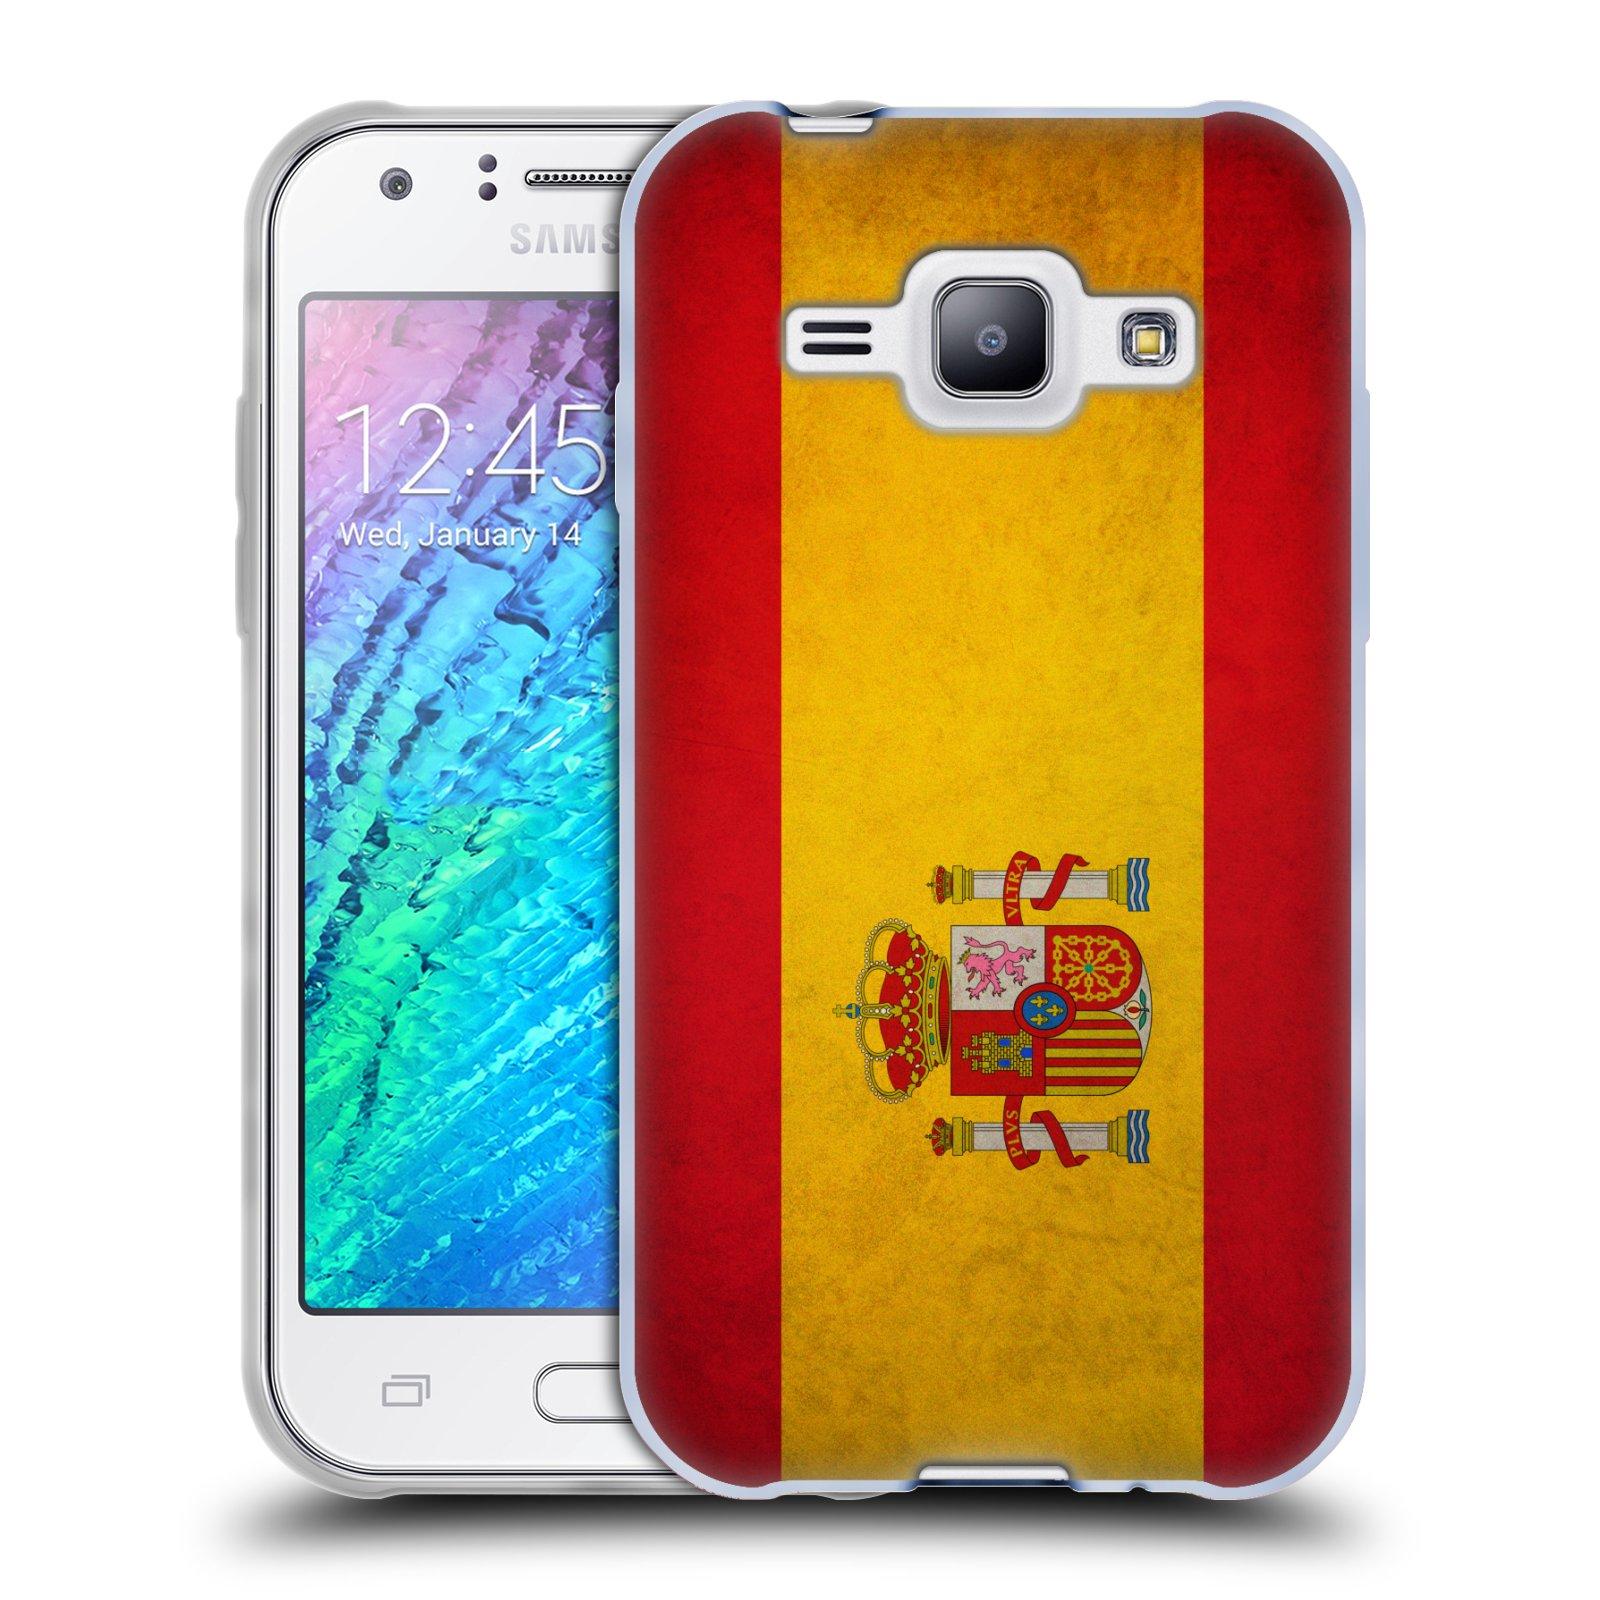 Silikonové pouzdro na mobil Samsung Galaxy J1 HEAD CASE VLAJKA ŠPANĚLSKO (Silikonový kryt či obal na mobilní telefon Samsung Galaxy J1 a J1 Duos)